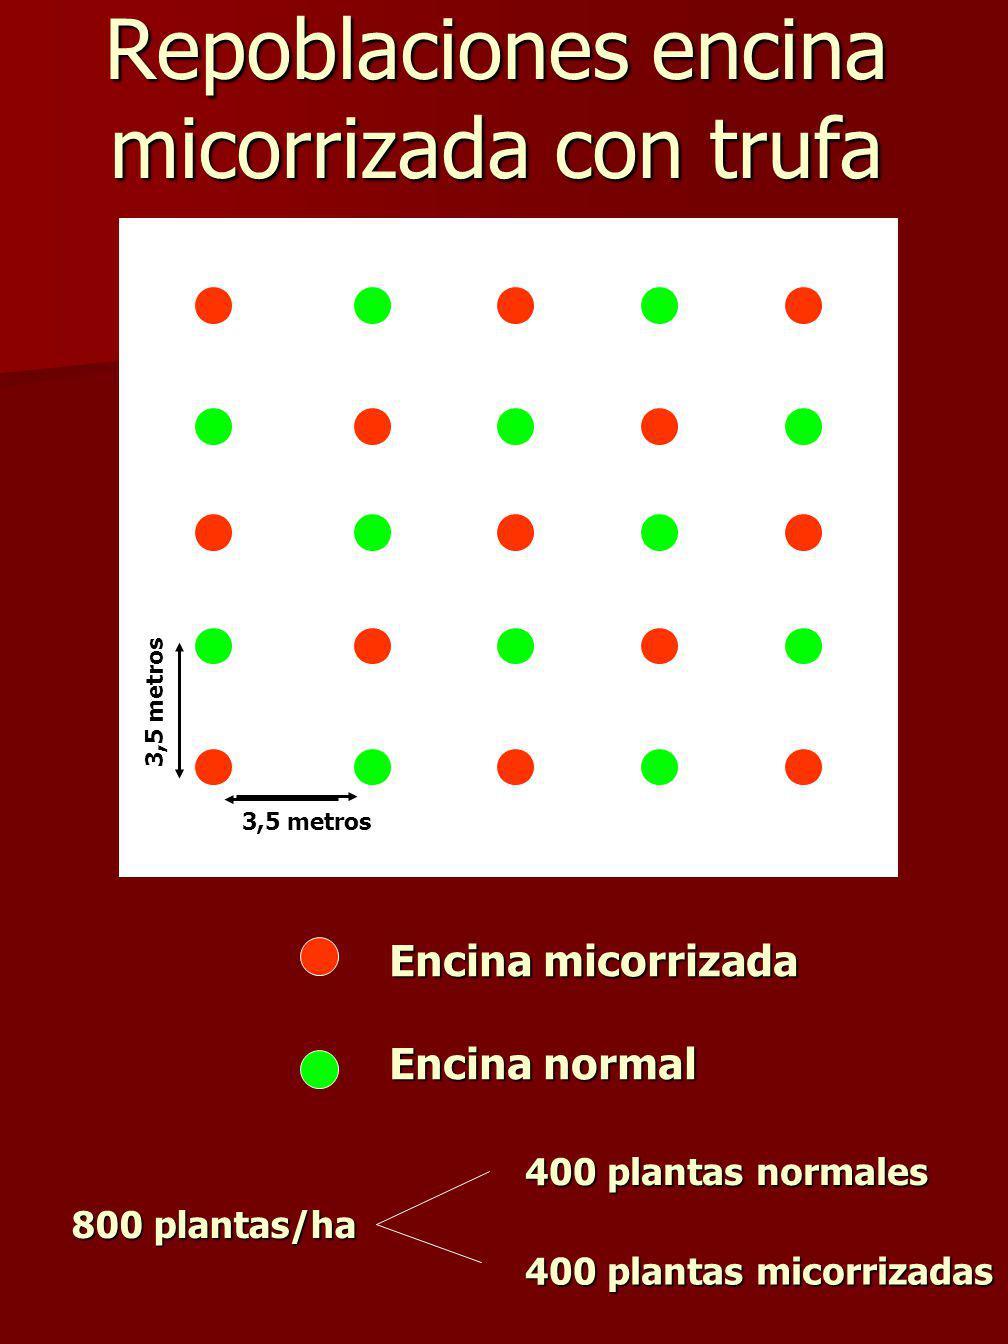 Repoblaciones encina micorrizada con trufa